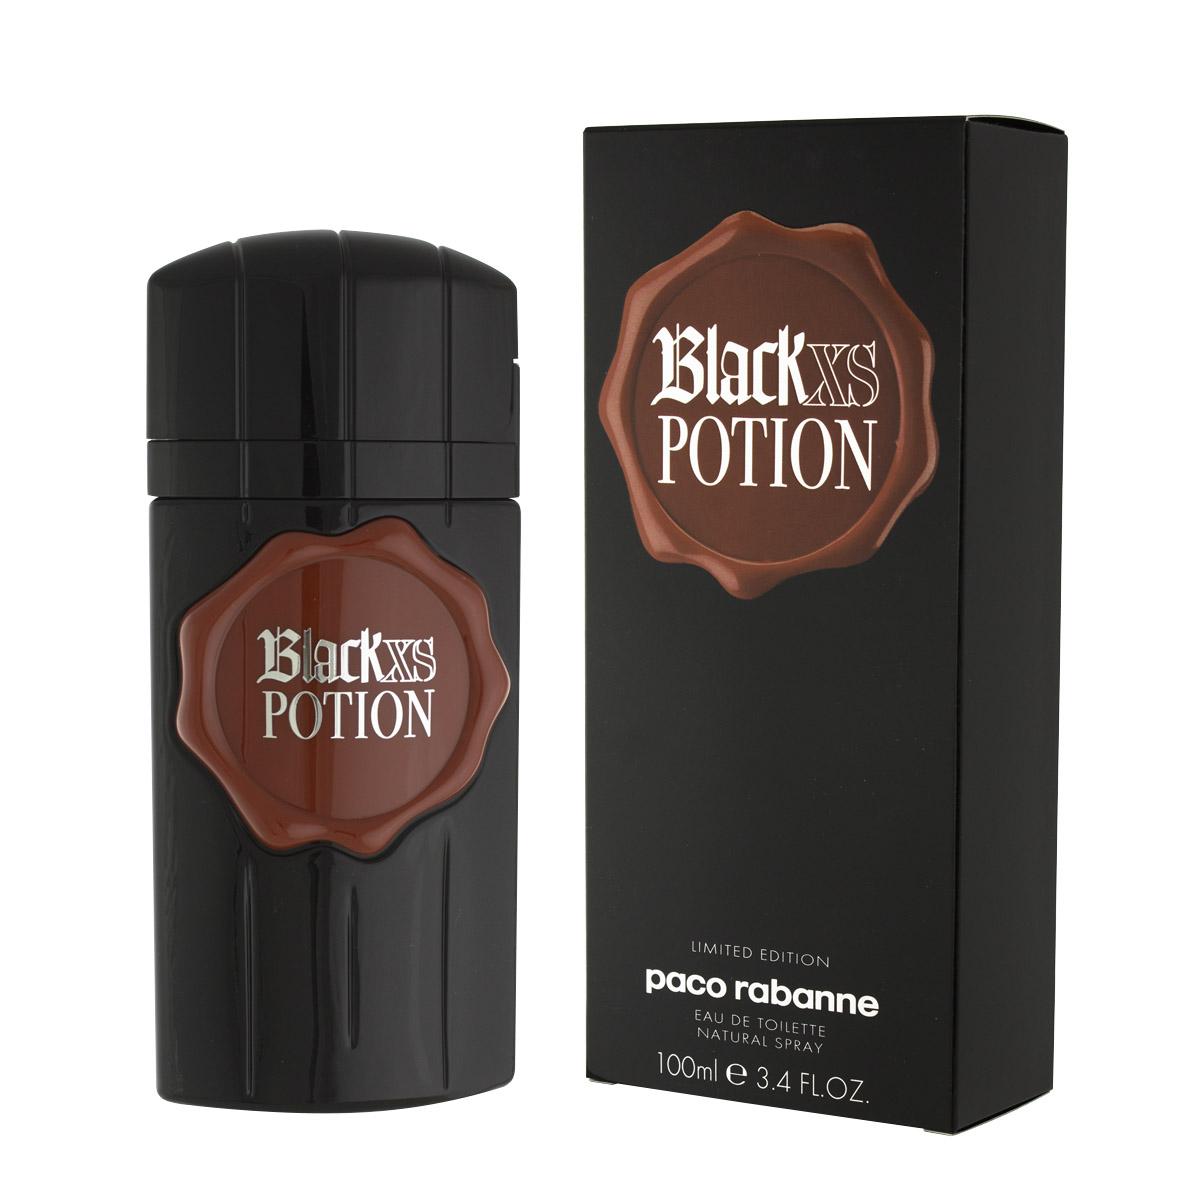 Paco Rabanne Black XS Potion pour Homme EDT 100 ml M